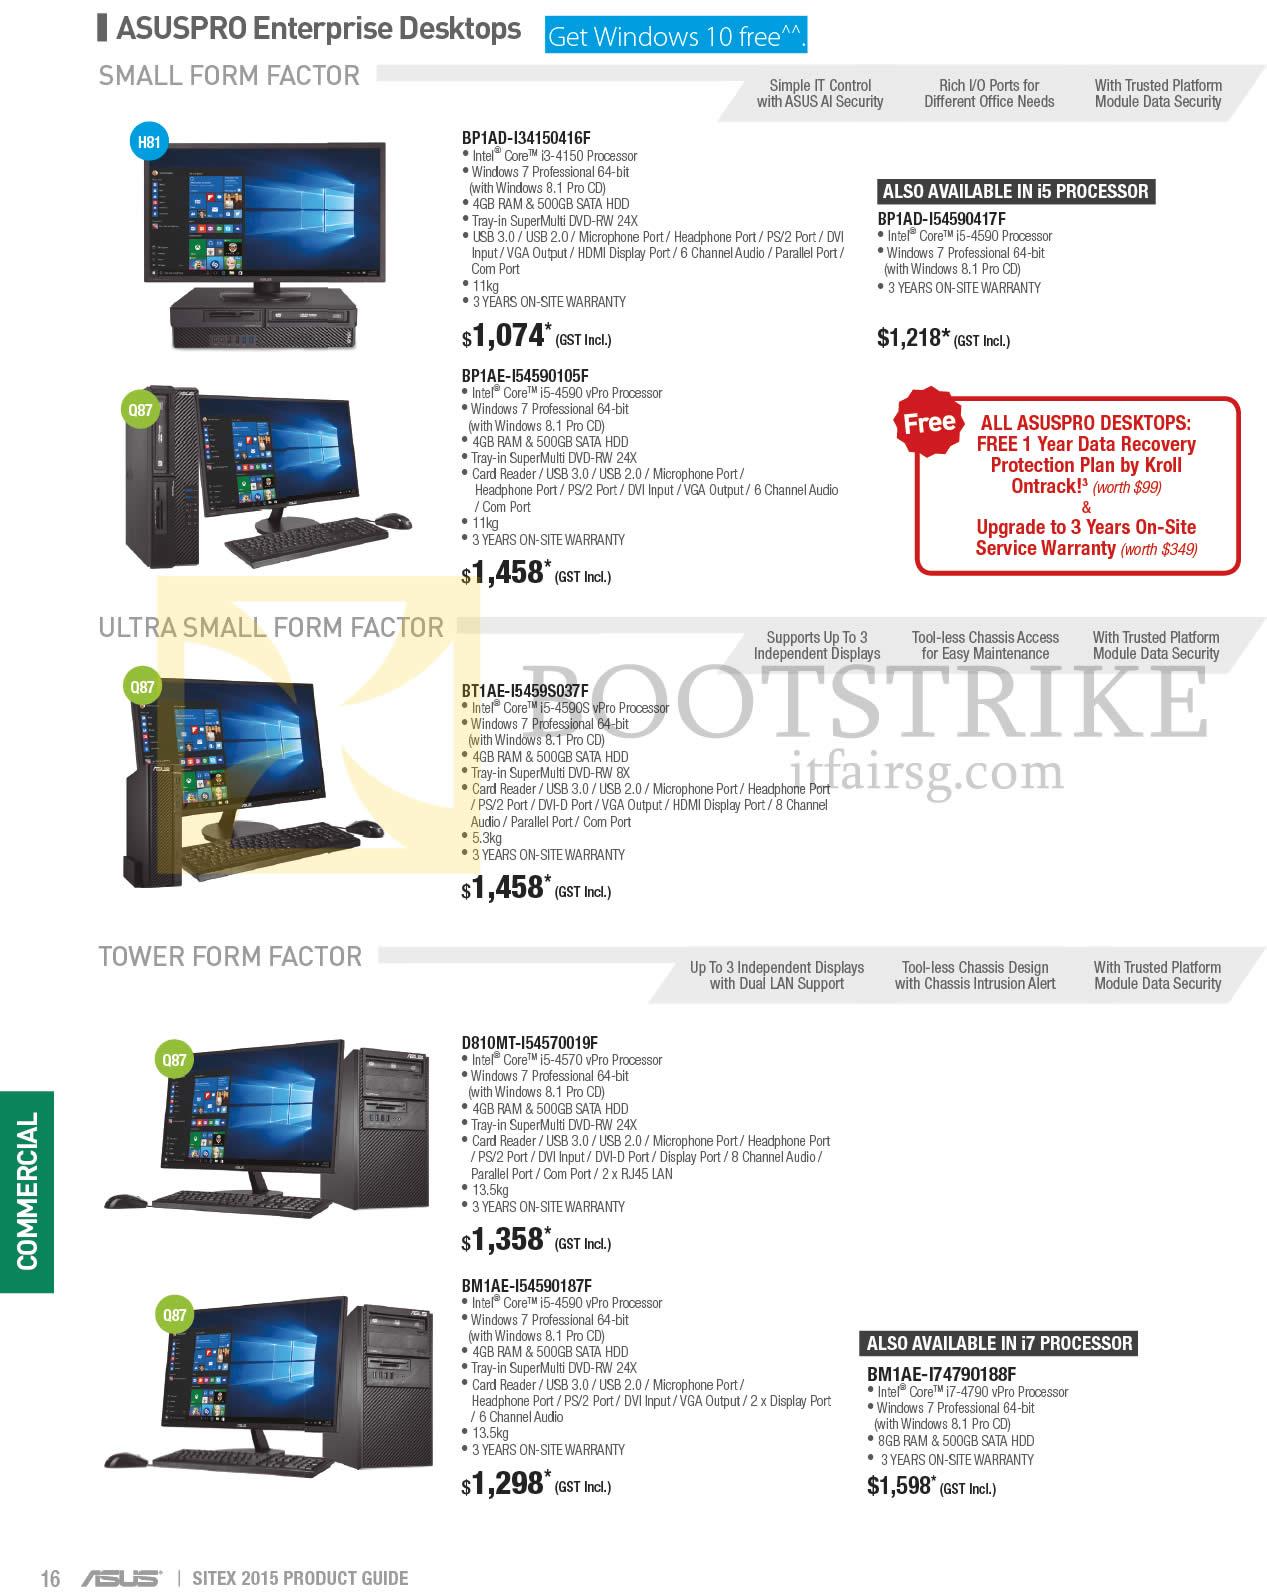 SITEX 2015 price list image brochure of ASUS Desktop PCs, BP1AD-134150416F, BP1AE-I54590105F, BP1AD-154590417F, BT1AE-I5459S037F, D810MT-I54570019F, BM1AE-I54590187F, BM1AE-174790188F